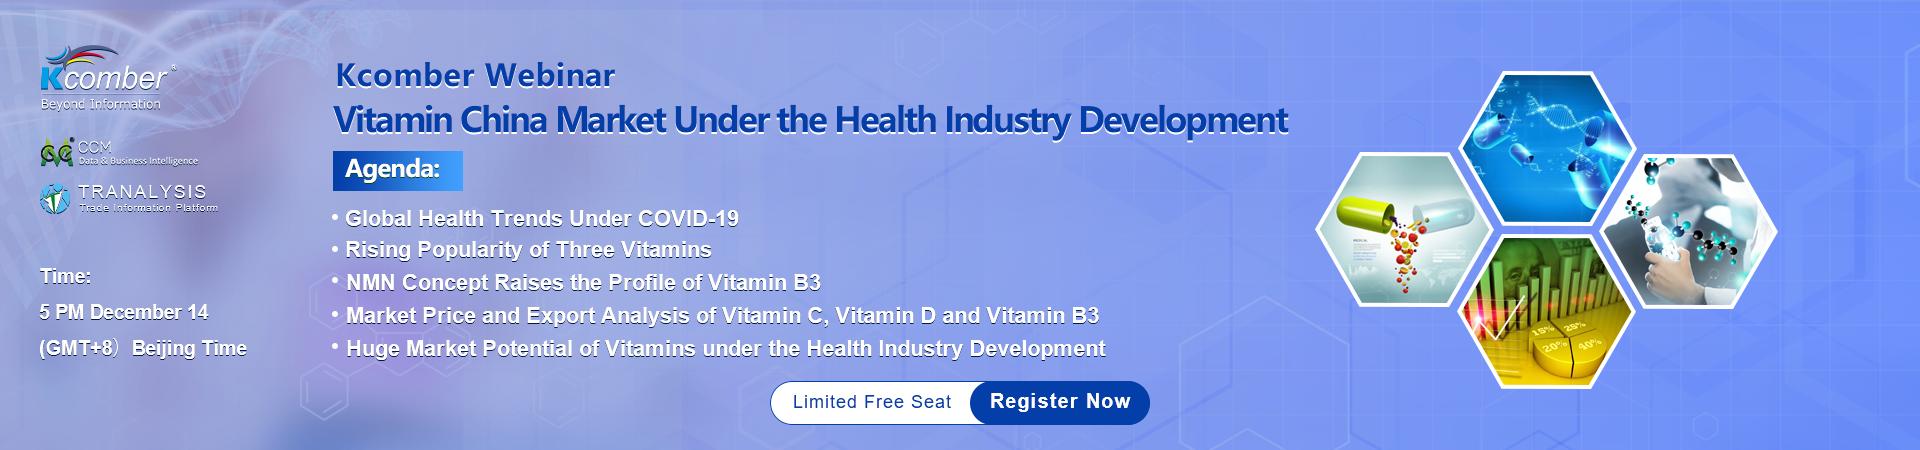 Vitamin China Market Under Current Health Industry Development